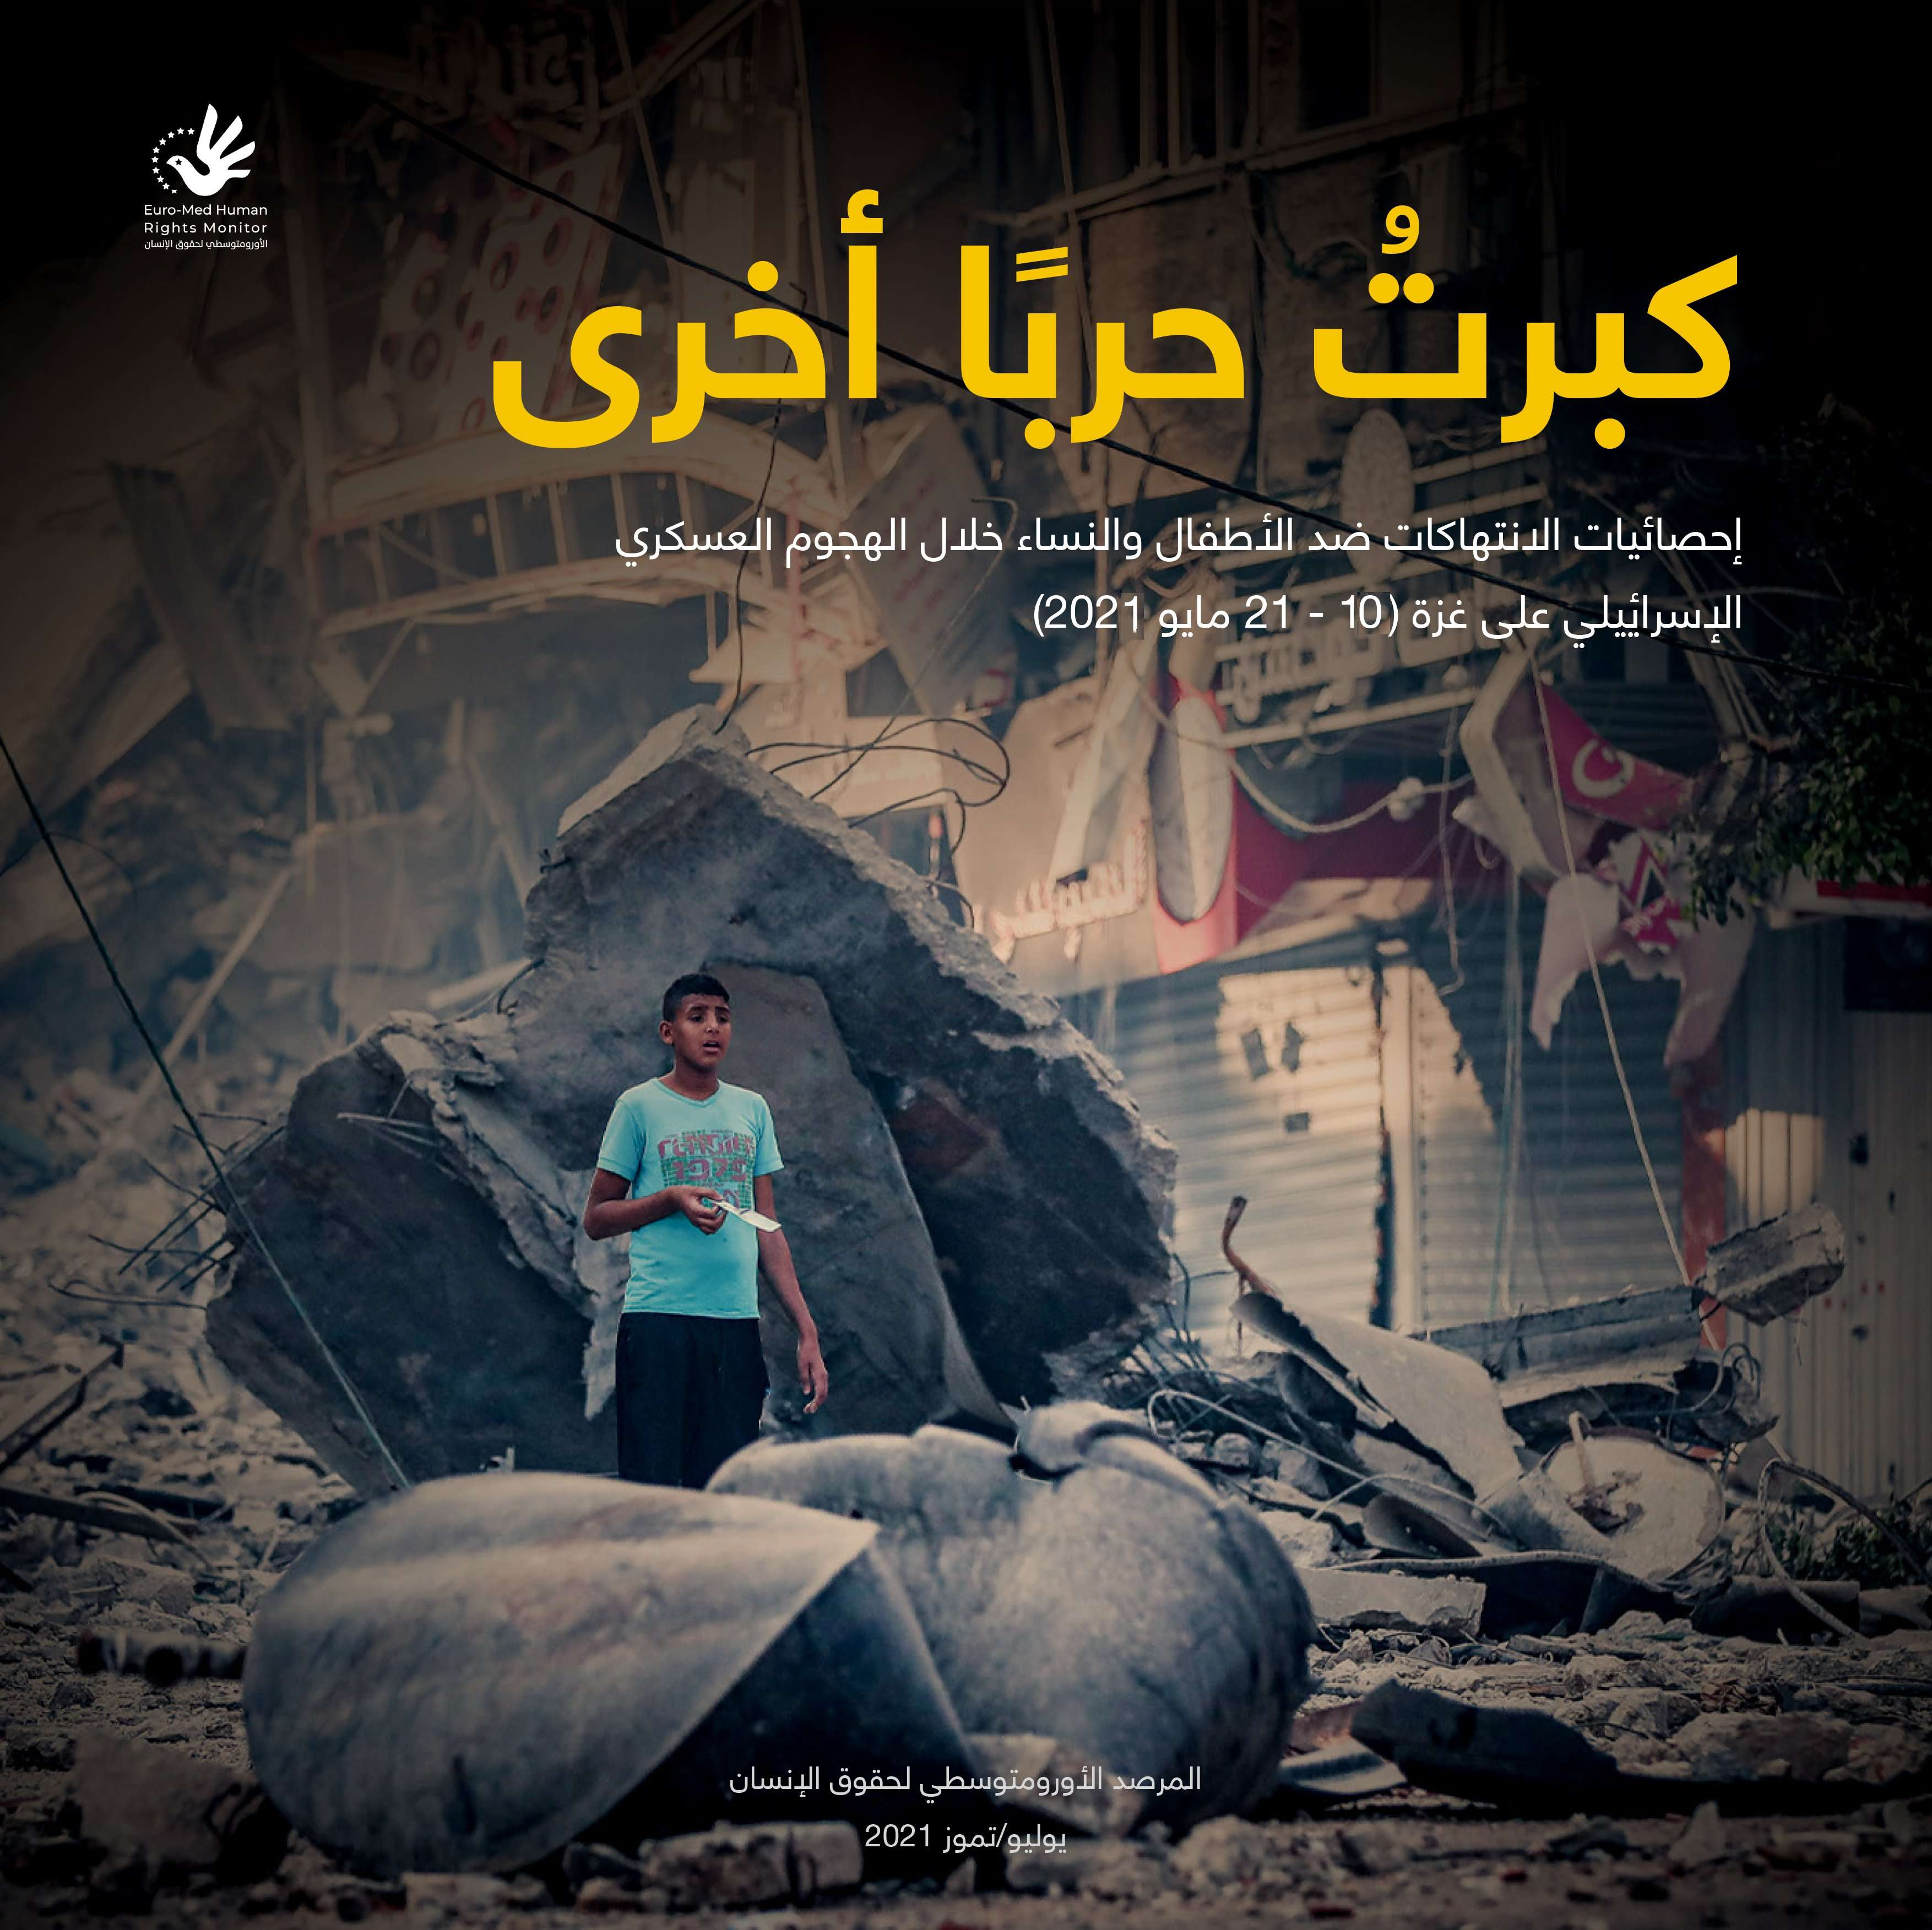 كبرتُ حربًا أُخرى: إحصائيات الانتهاكات ضد الأطفال والنساء خلال الهجوم العسكري الإسرائيلي على قطاع غزة (10 – 21 مايو 2021)